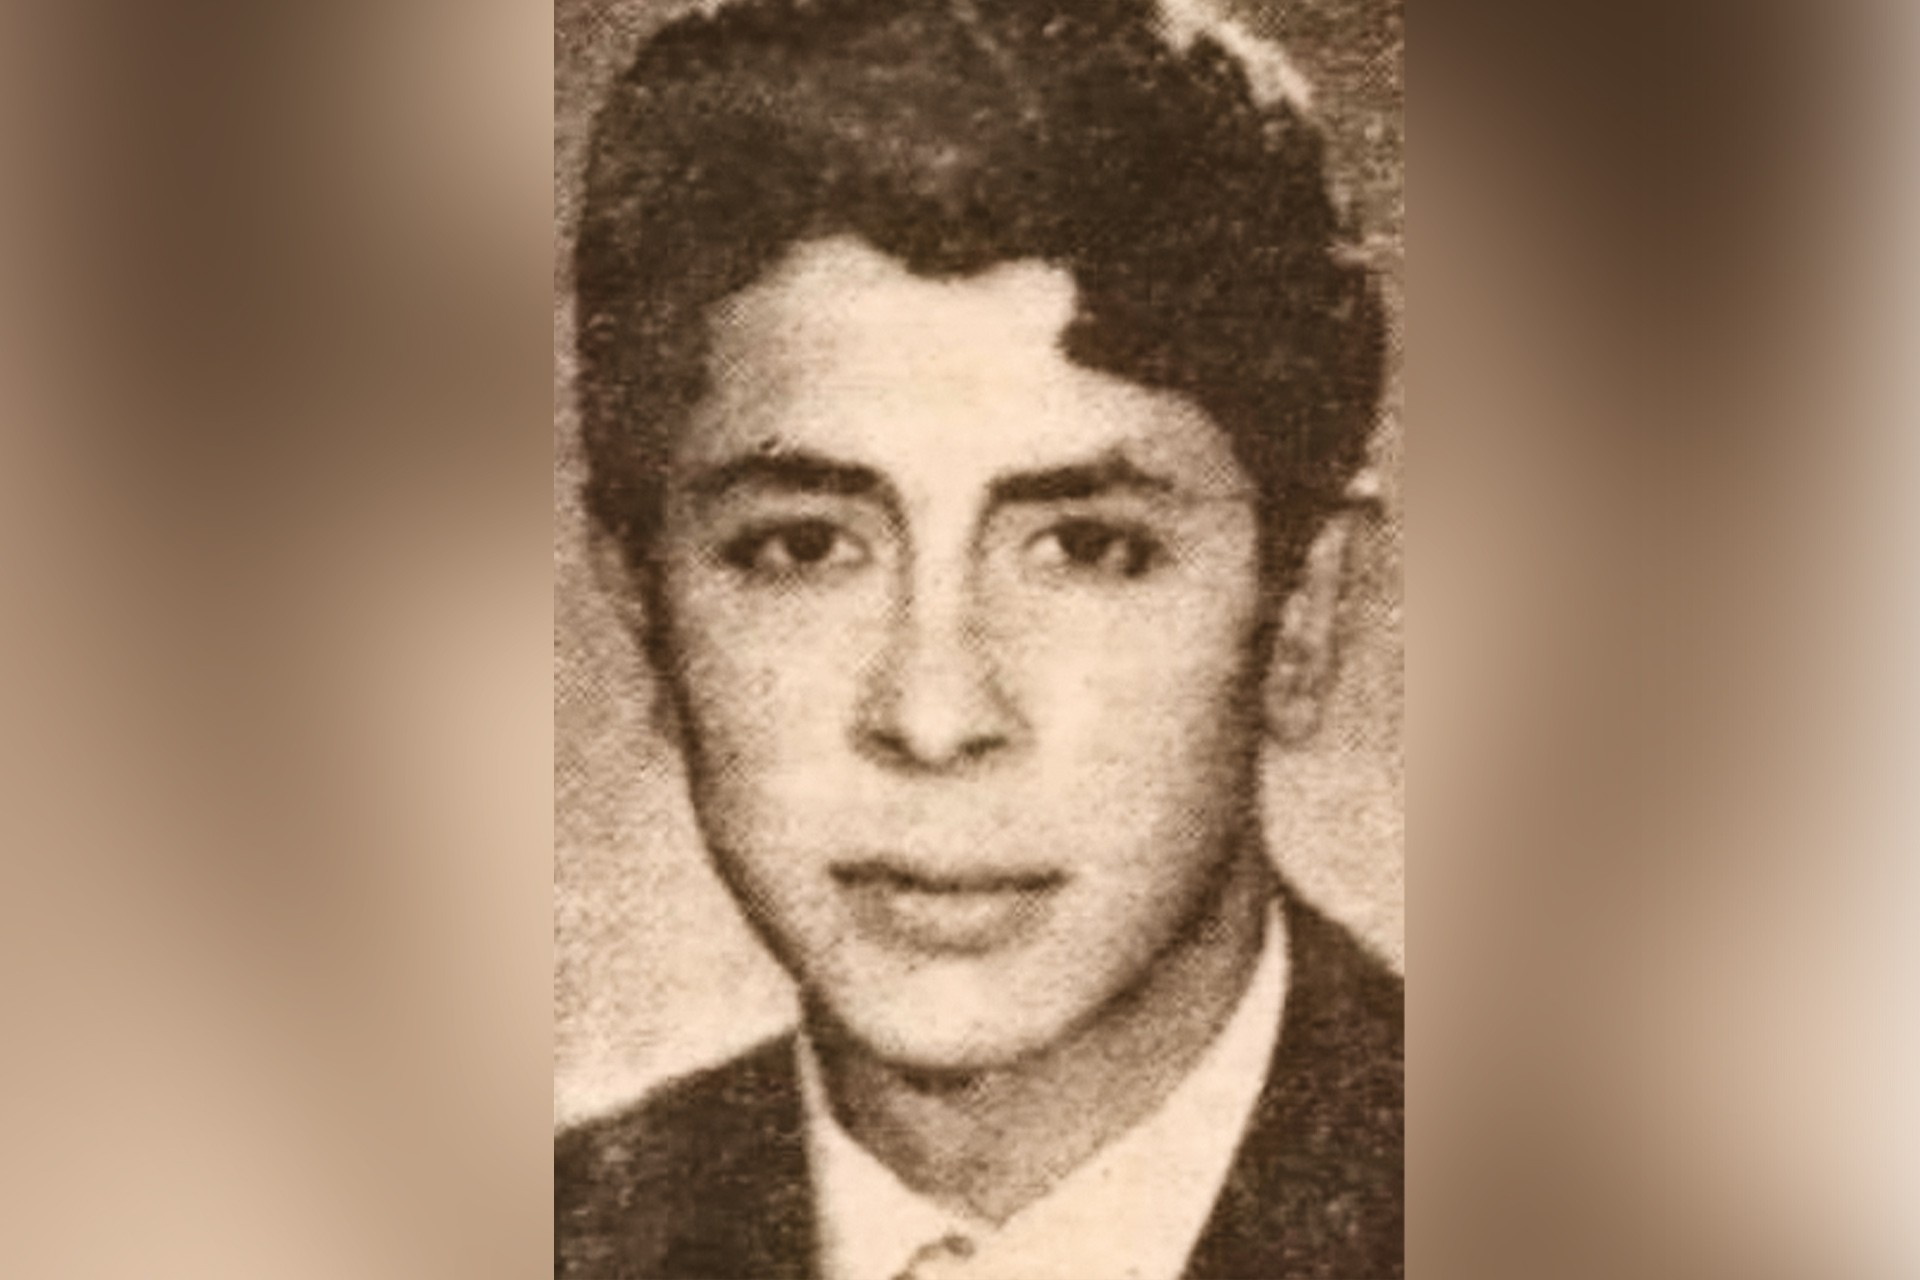 6. Filo uğruna öldürülen genç: Vedat Demircioğlu